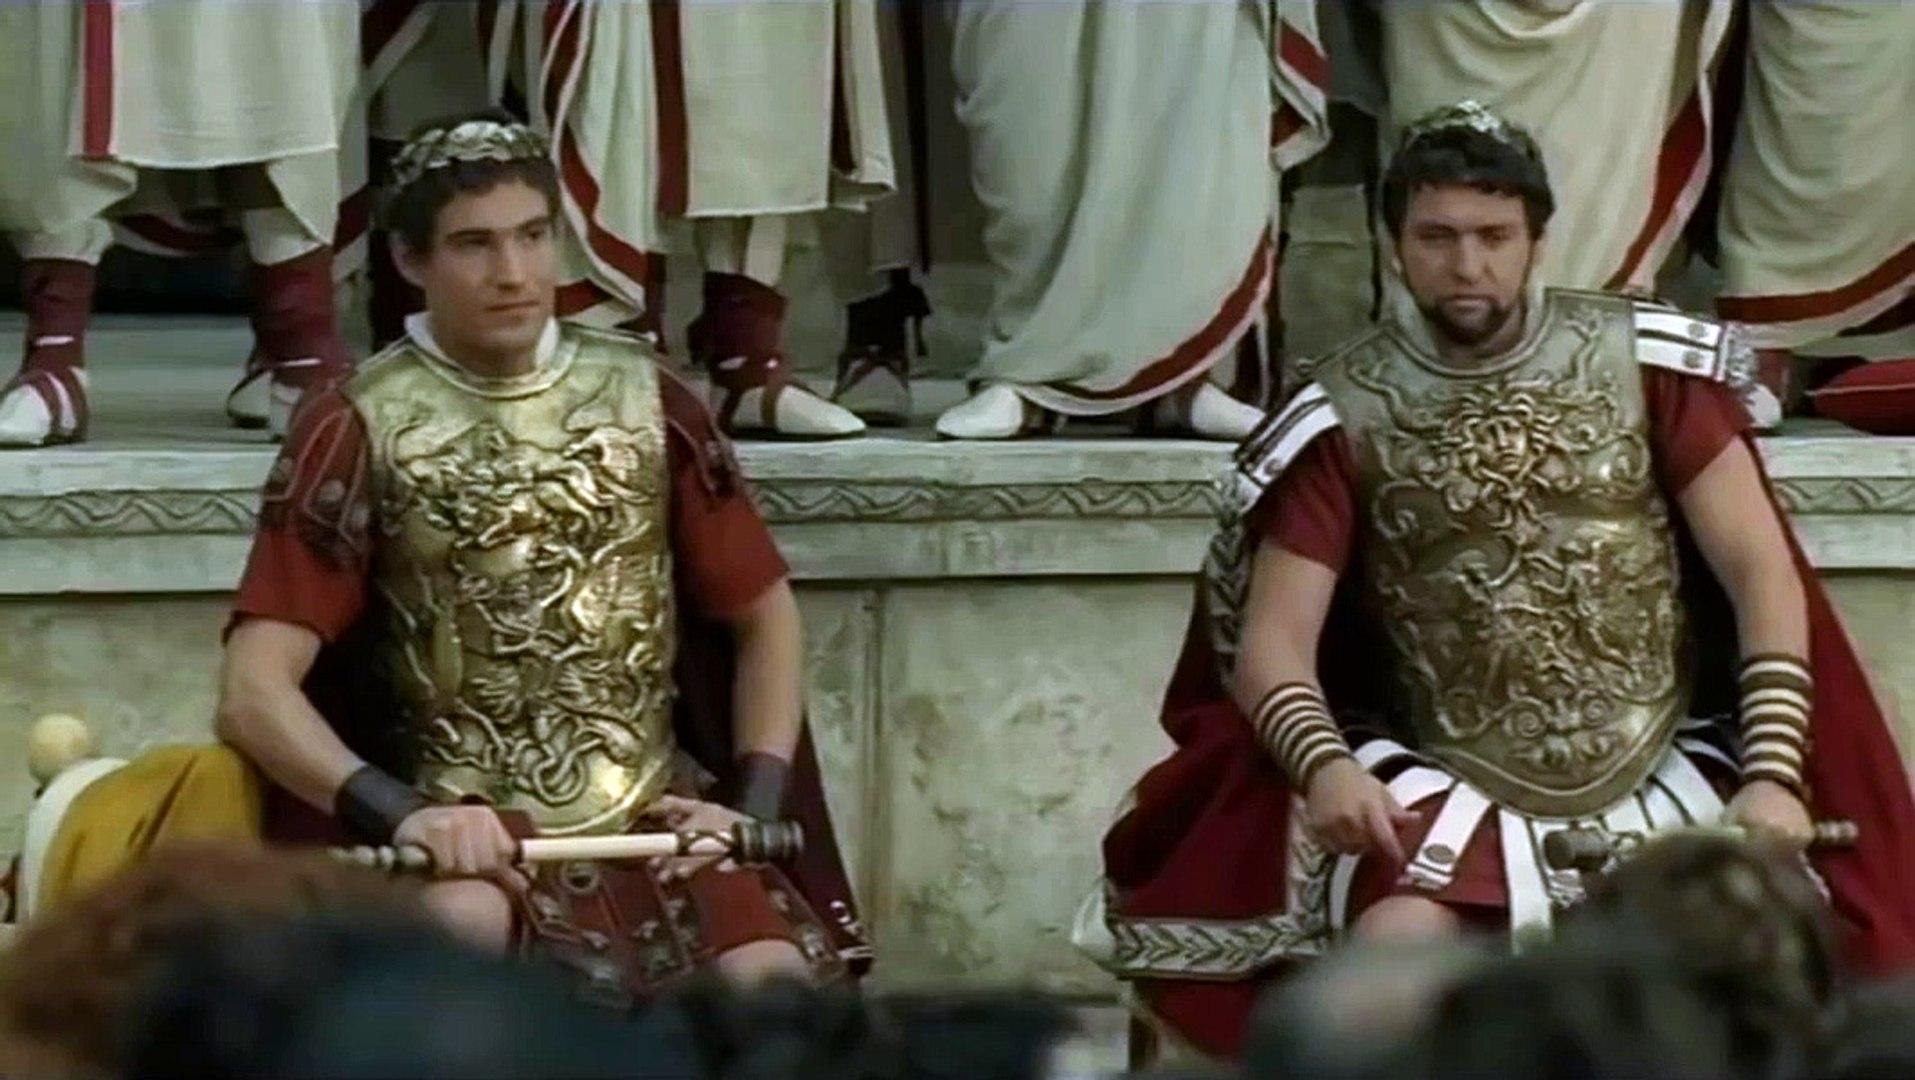 Spartacus (2004) - filmes completos dublados de ação e romance, lançamento em HD part 4/4